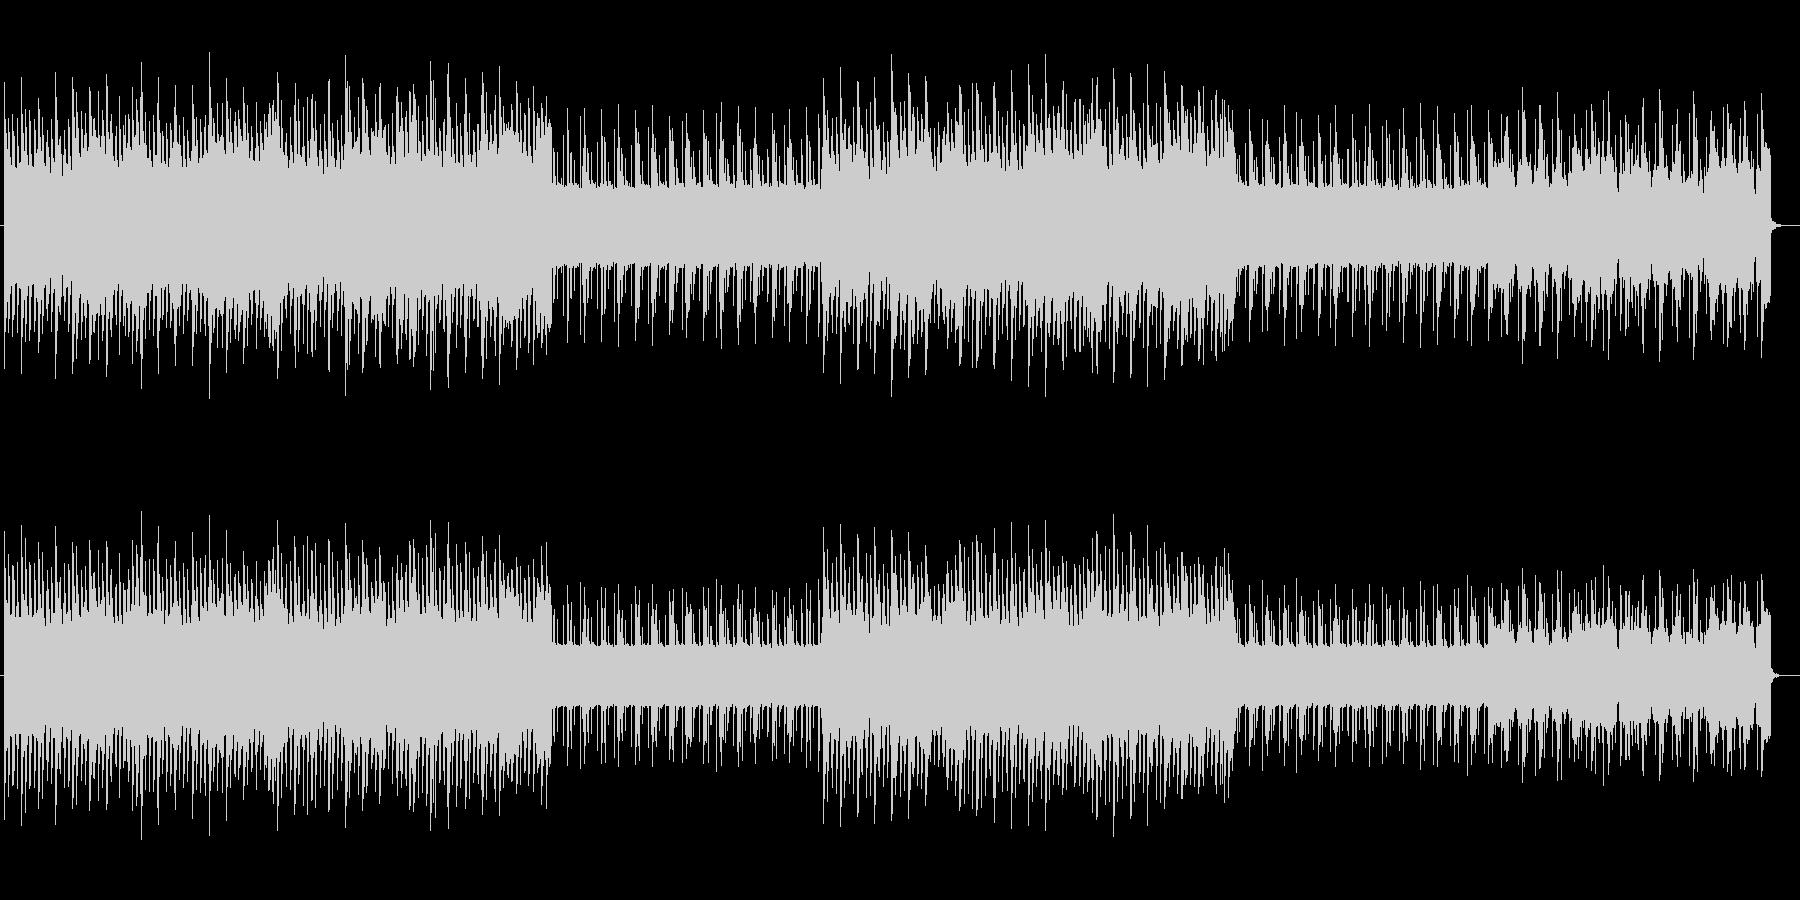 不思議なピアノが魅力的なポップ曲の未再生の波形